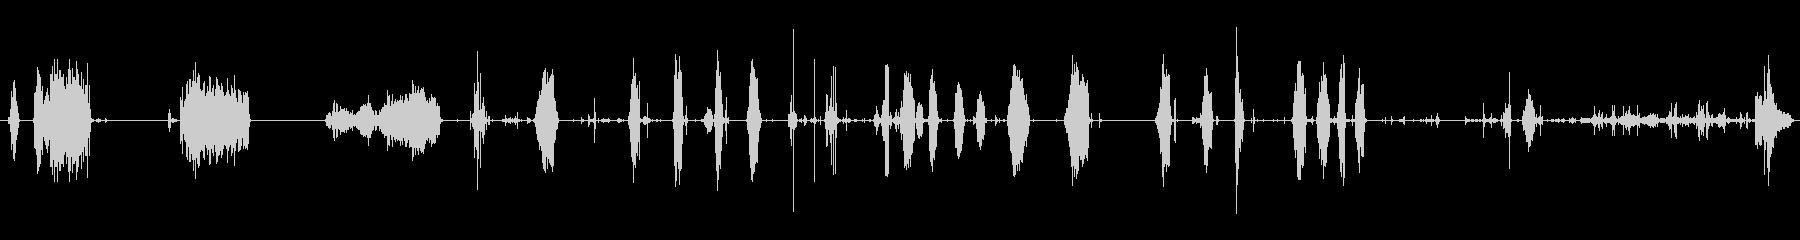 オープン、クローズ、複数の速度ジッパーの未再生の波形